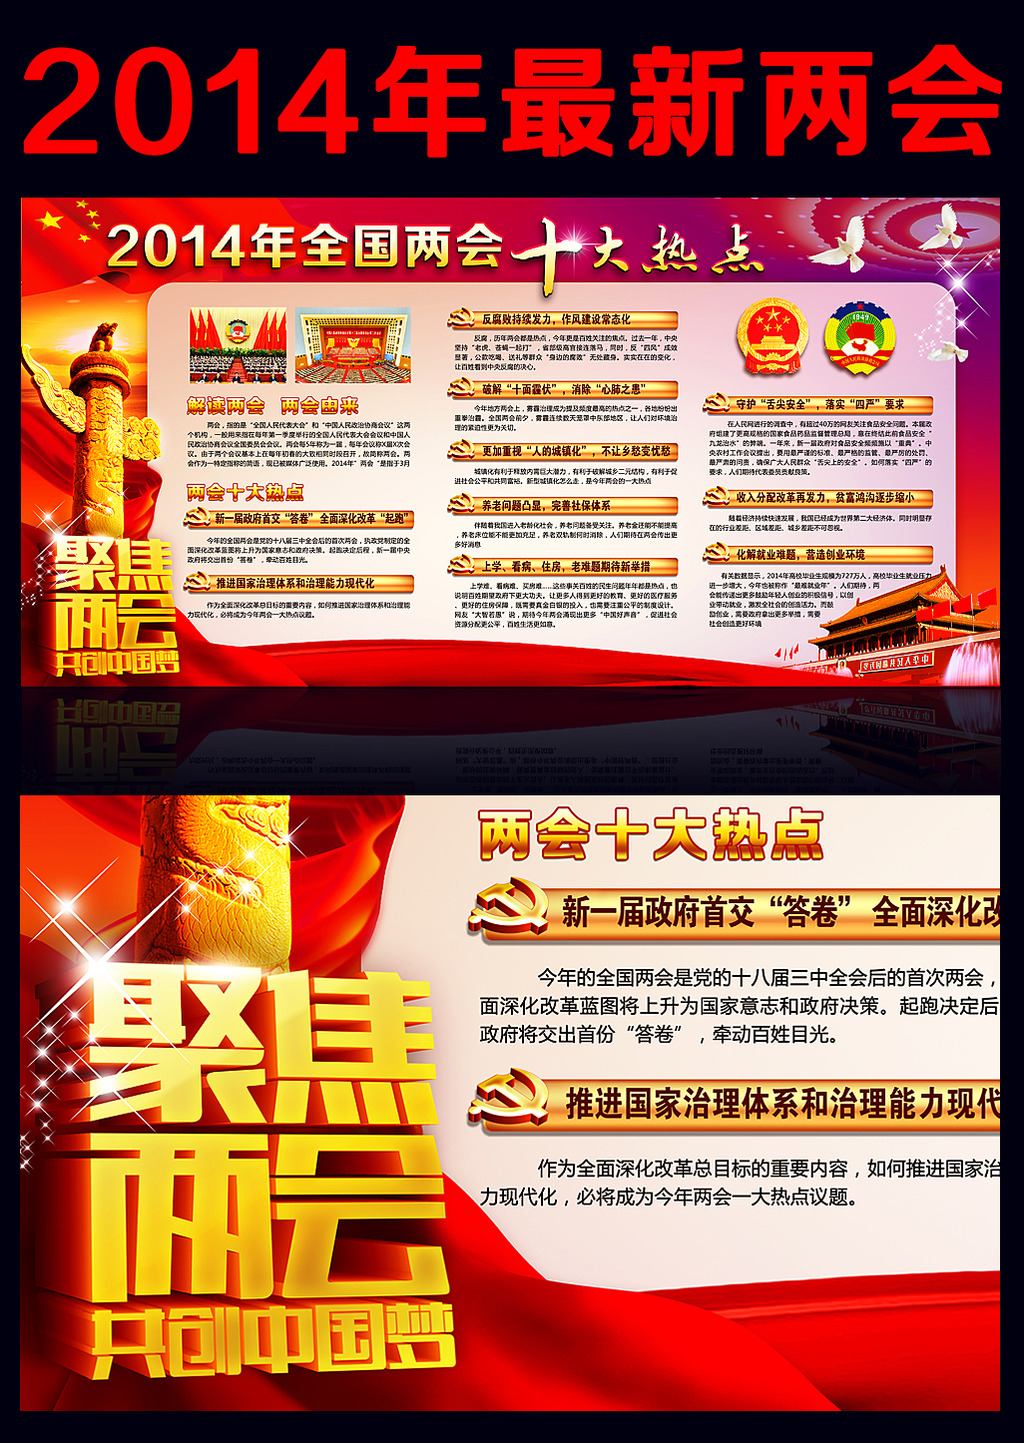 2014聚焦两会十大热点宣传展板模板下载 2014聚焦两会十大热点宣传